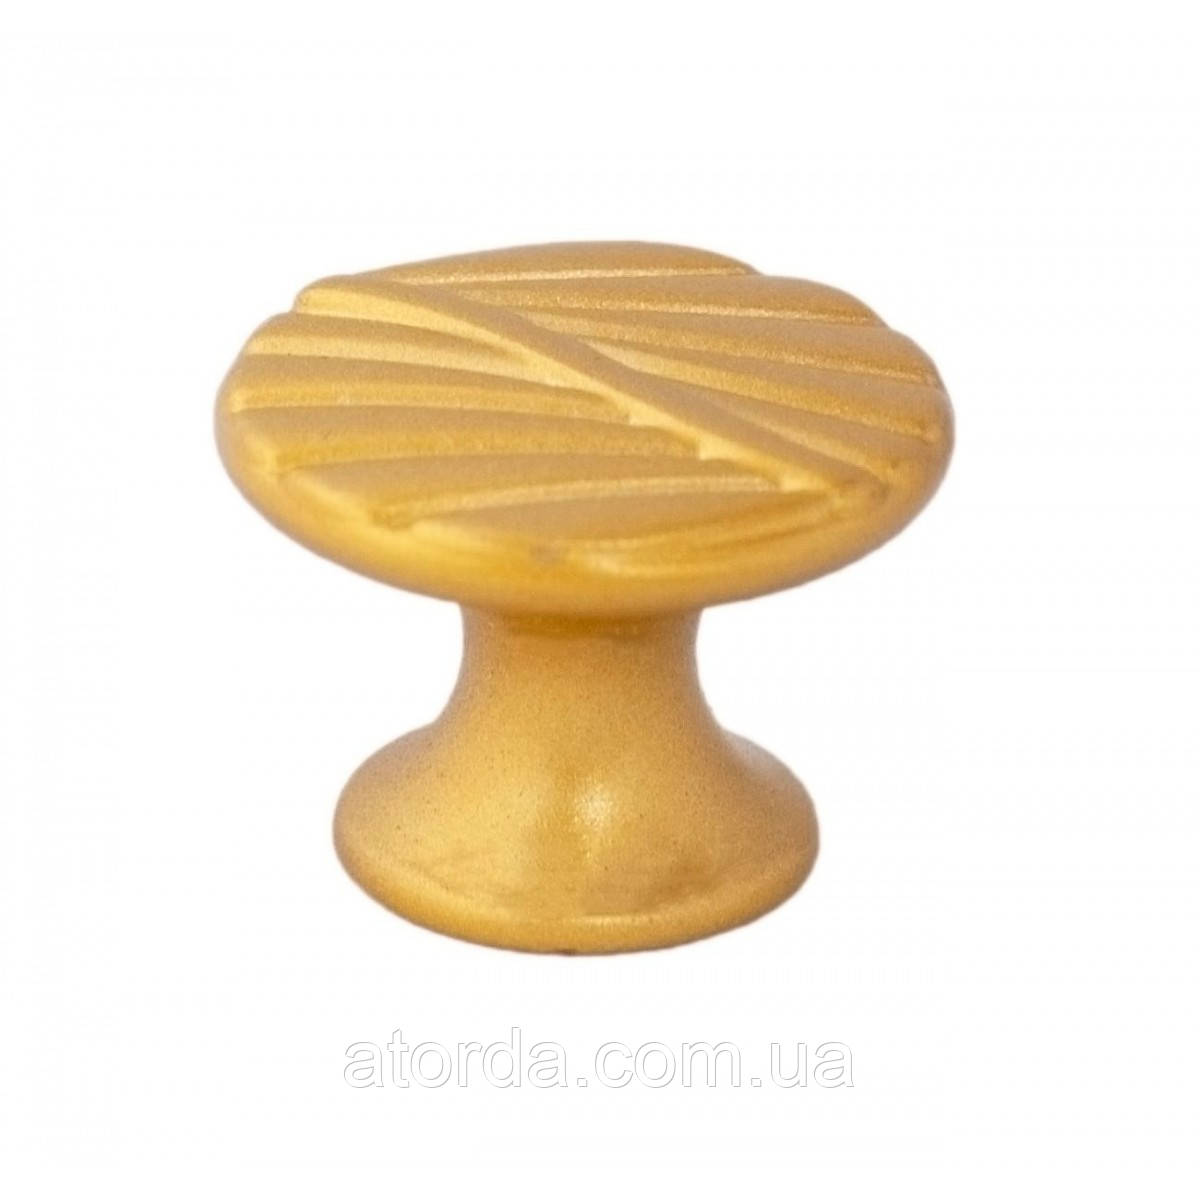 Ручка мебельная Ozkardesler  ZUMRE DUGME 6089-04 Матовое золото